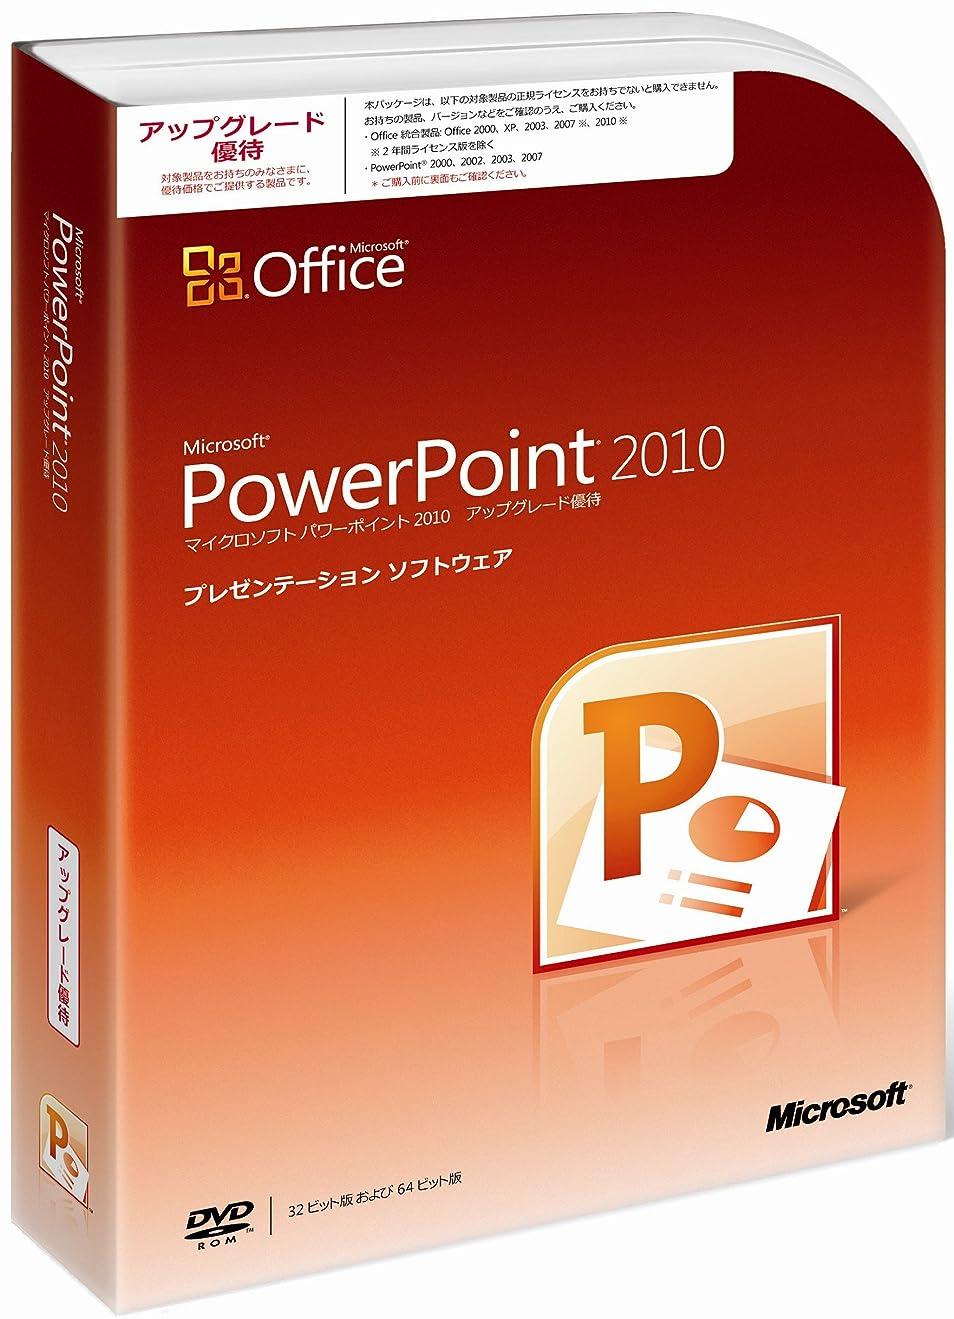 地味な極貧人気の【旧商品】Microsoft Office PowerPoint 2010 アップグレード優待 [パッケージ]